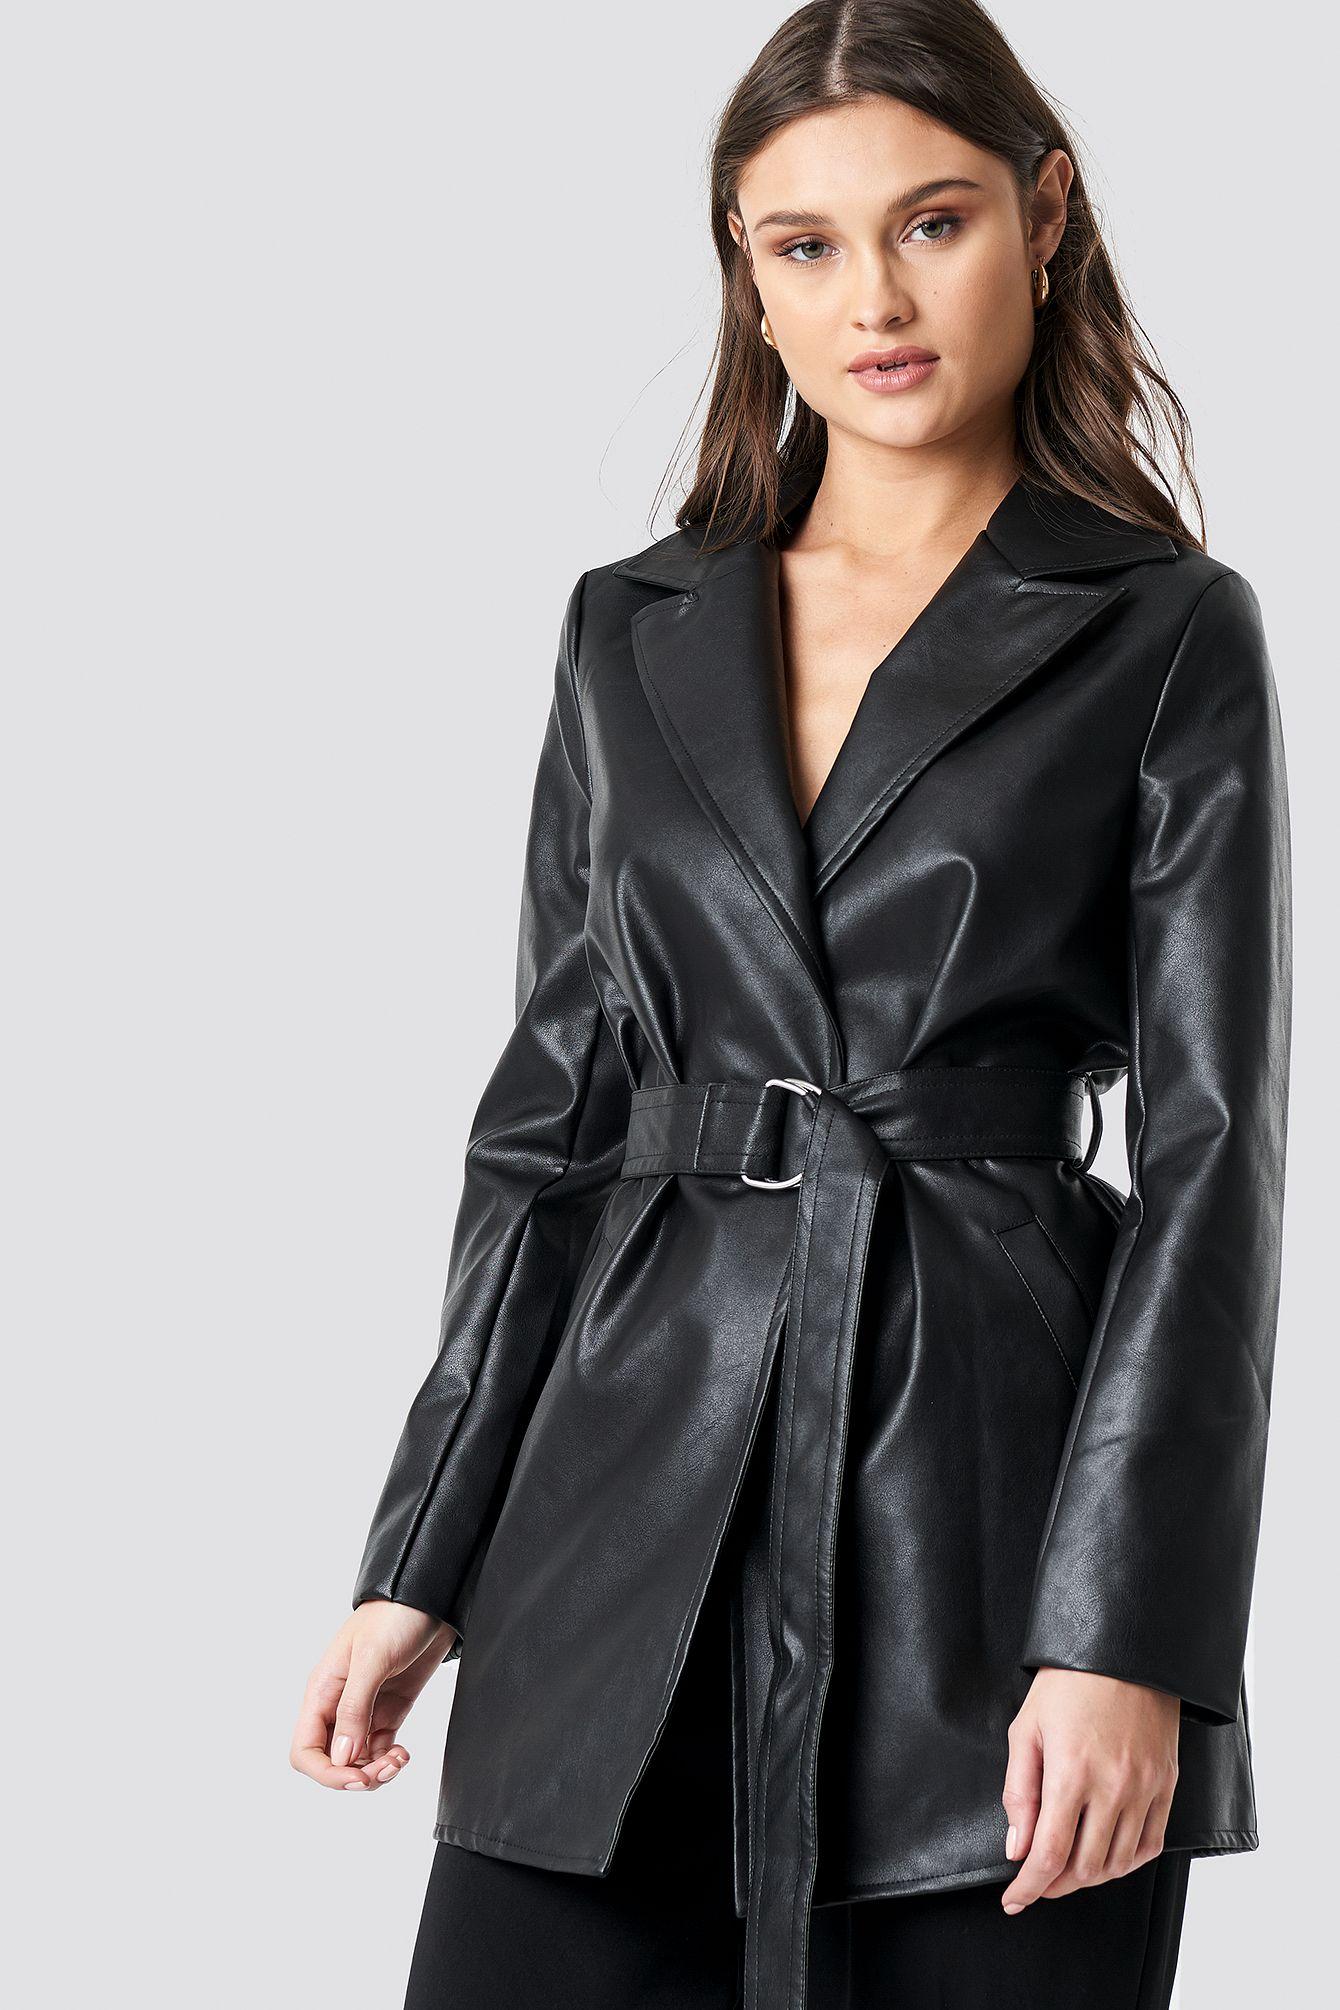 PU Leather Belted Jacket Black | na | Belted jacket